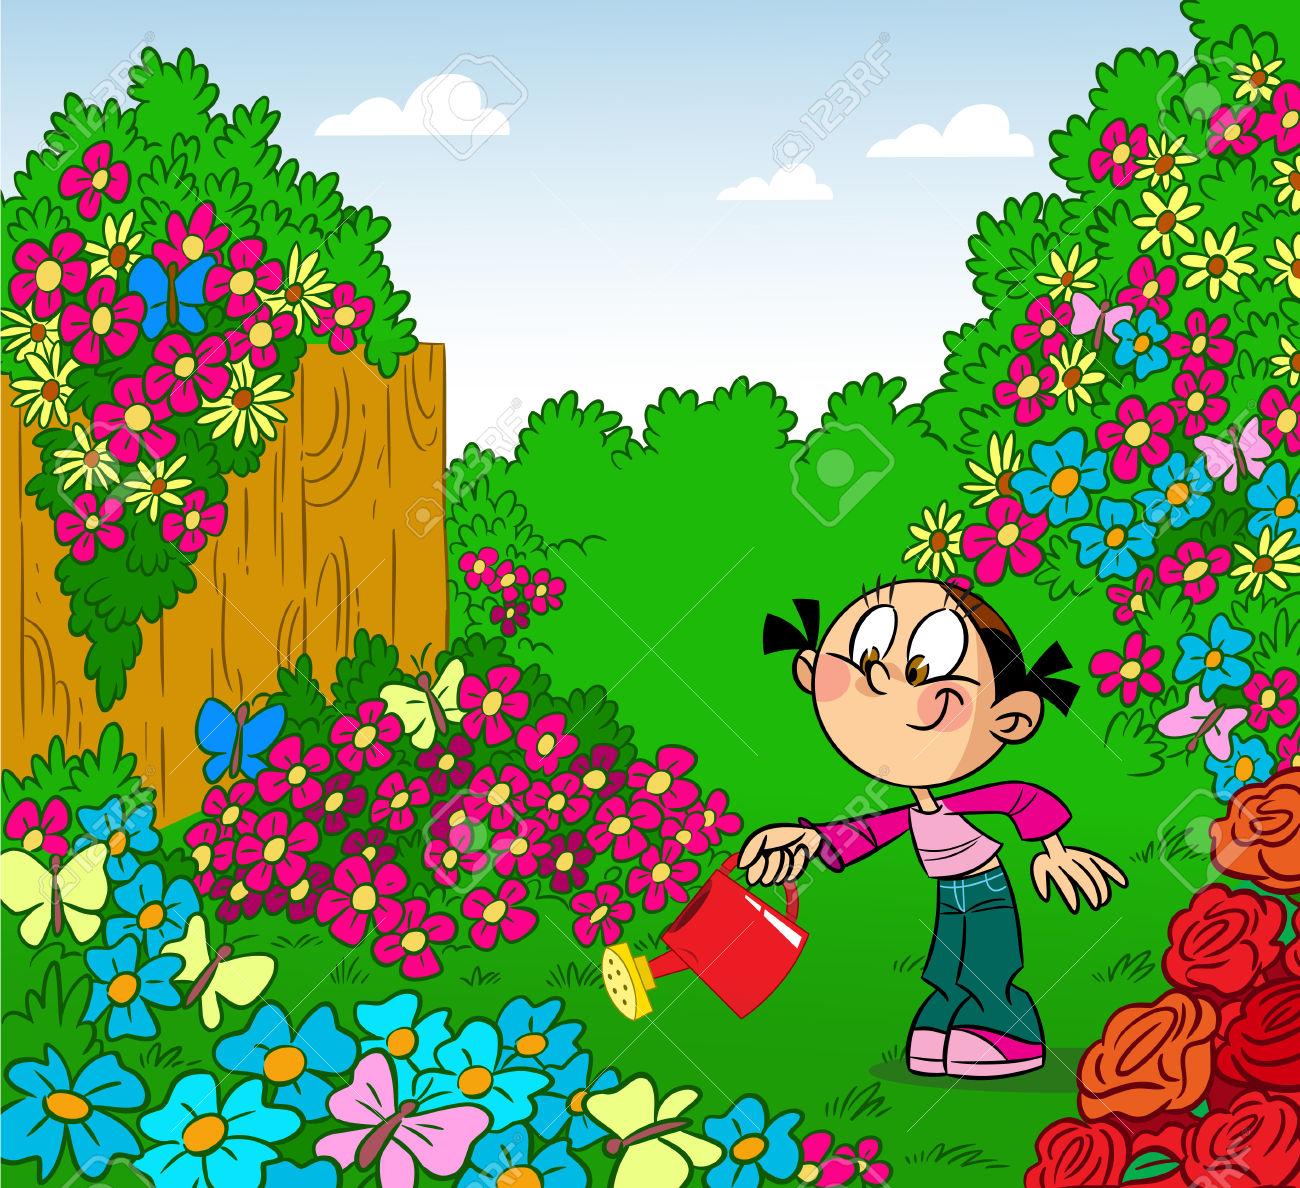 Chica Riega Las Flores En La Lata Ilustración Riego Del Jardín.